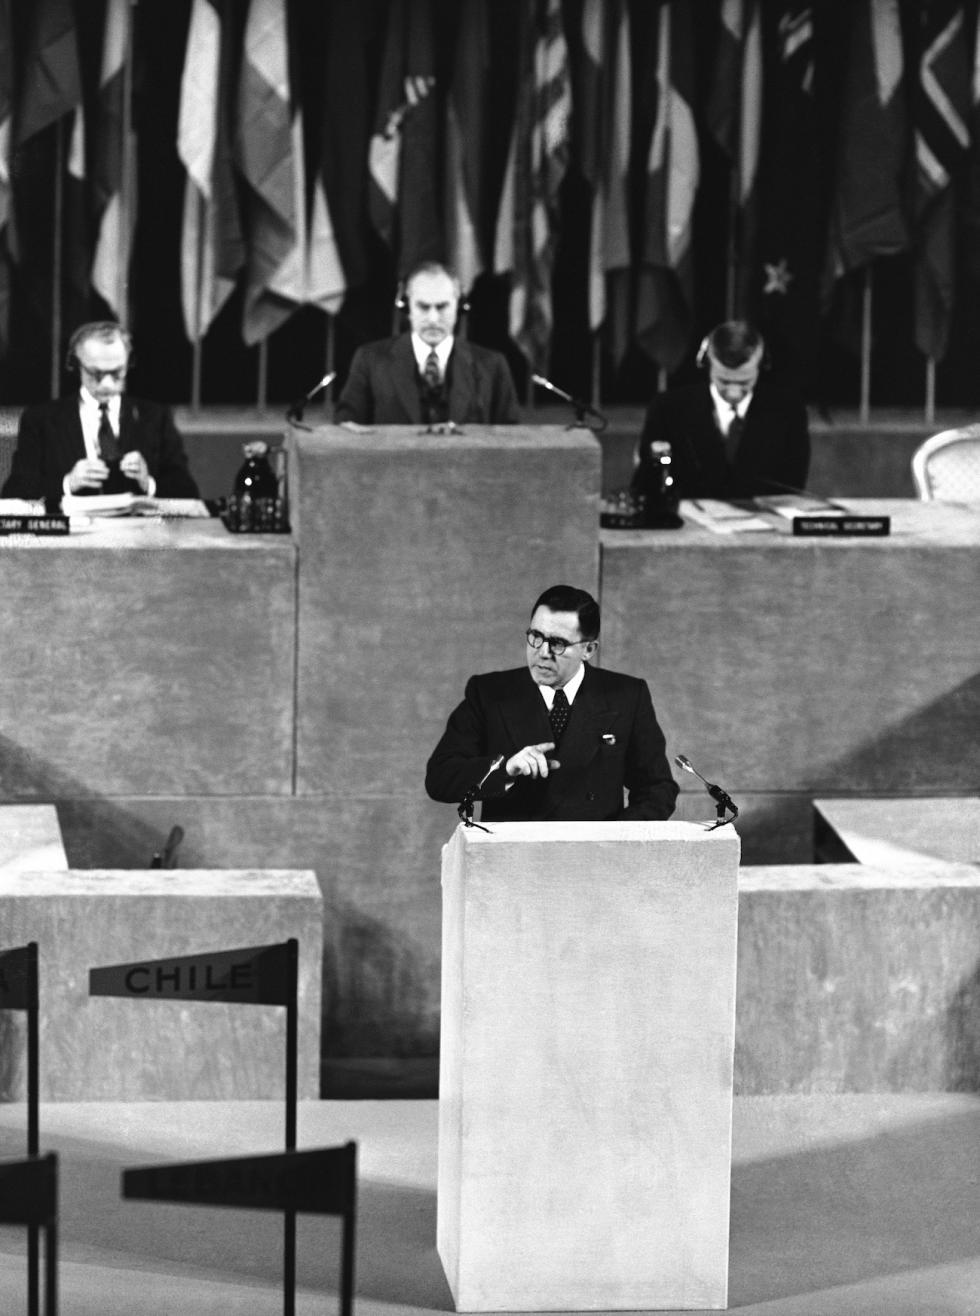 苏联驻联合国大使安德烈·葛罗米柯。 图片来源:AP